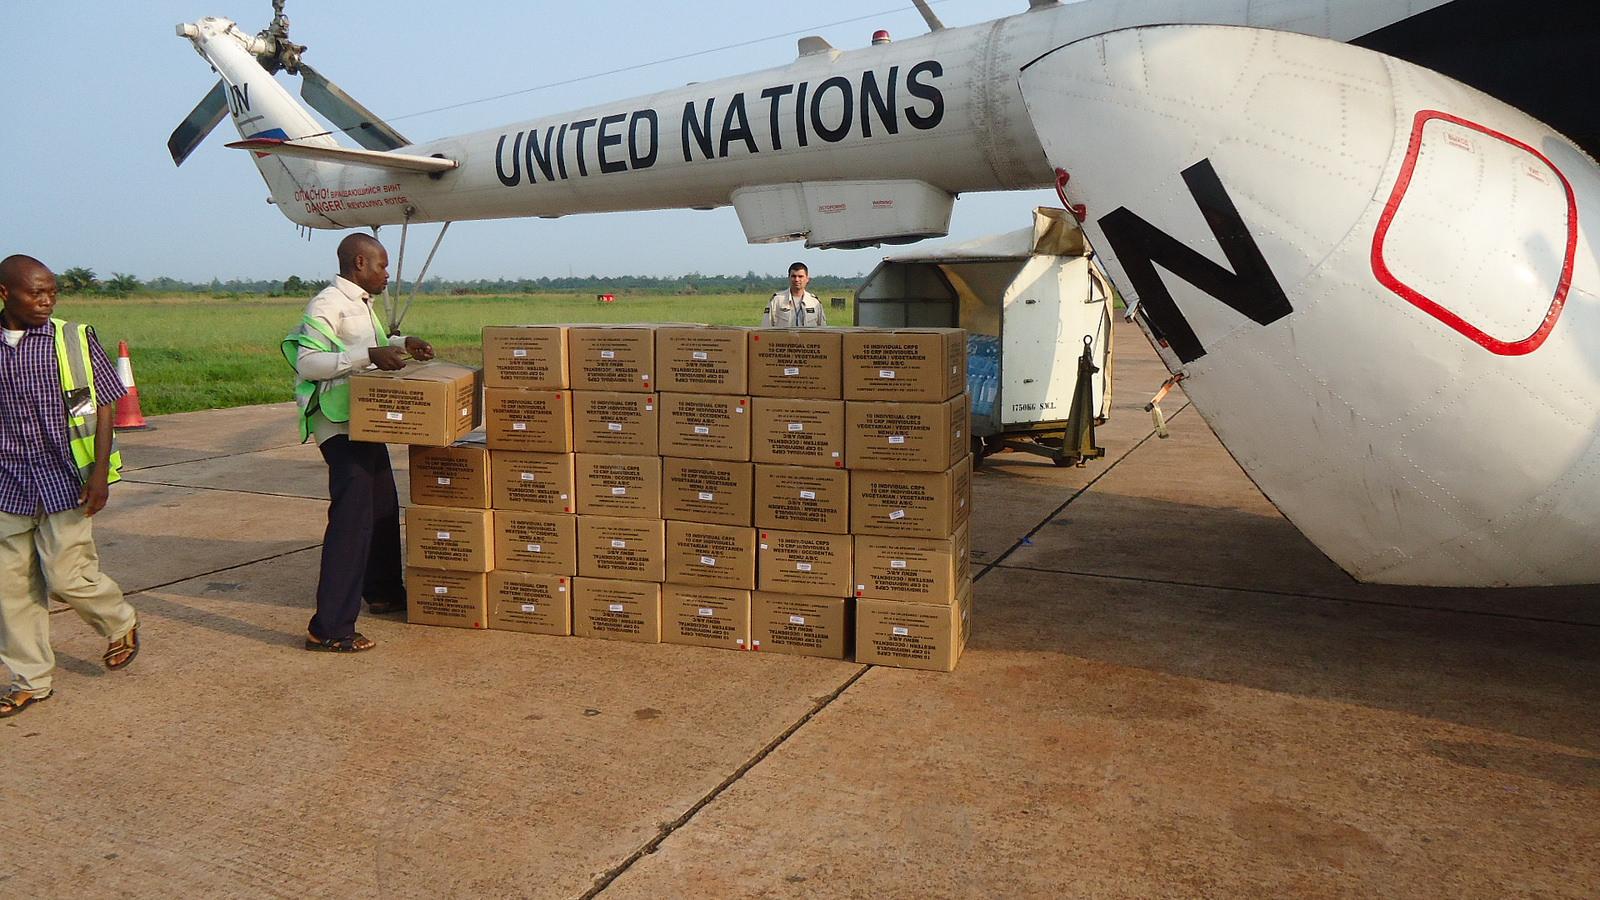 Aerei ed elicotteri delle Nazioni Unite scaricano medicinali e aiuti all'aeroporto di Mbandaka nella Repubblica Democratica del Congo durante l'epidemia di Ebola del 2014. Credit: MONUSCO/James Botuli / Flickr. Licenza: CC BY-SA 2.0.